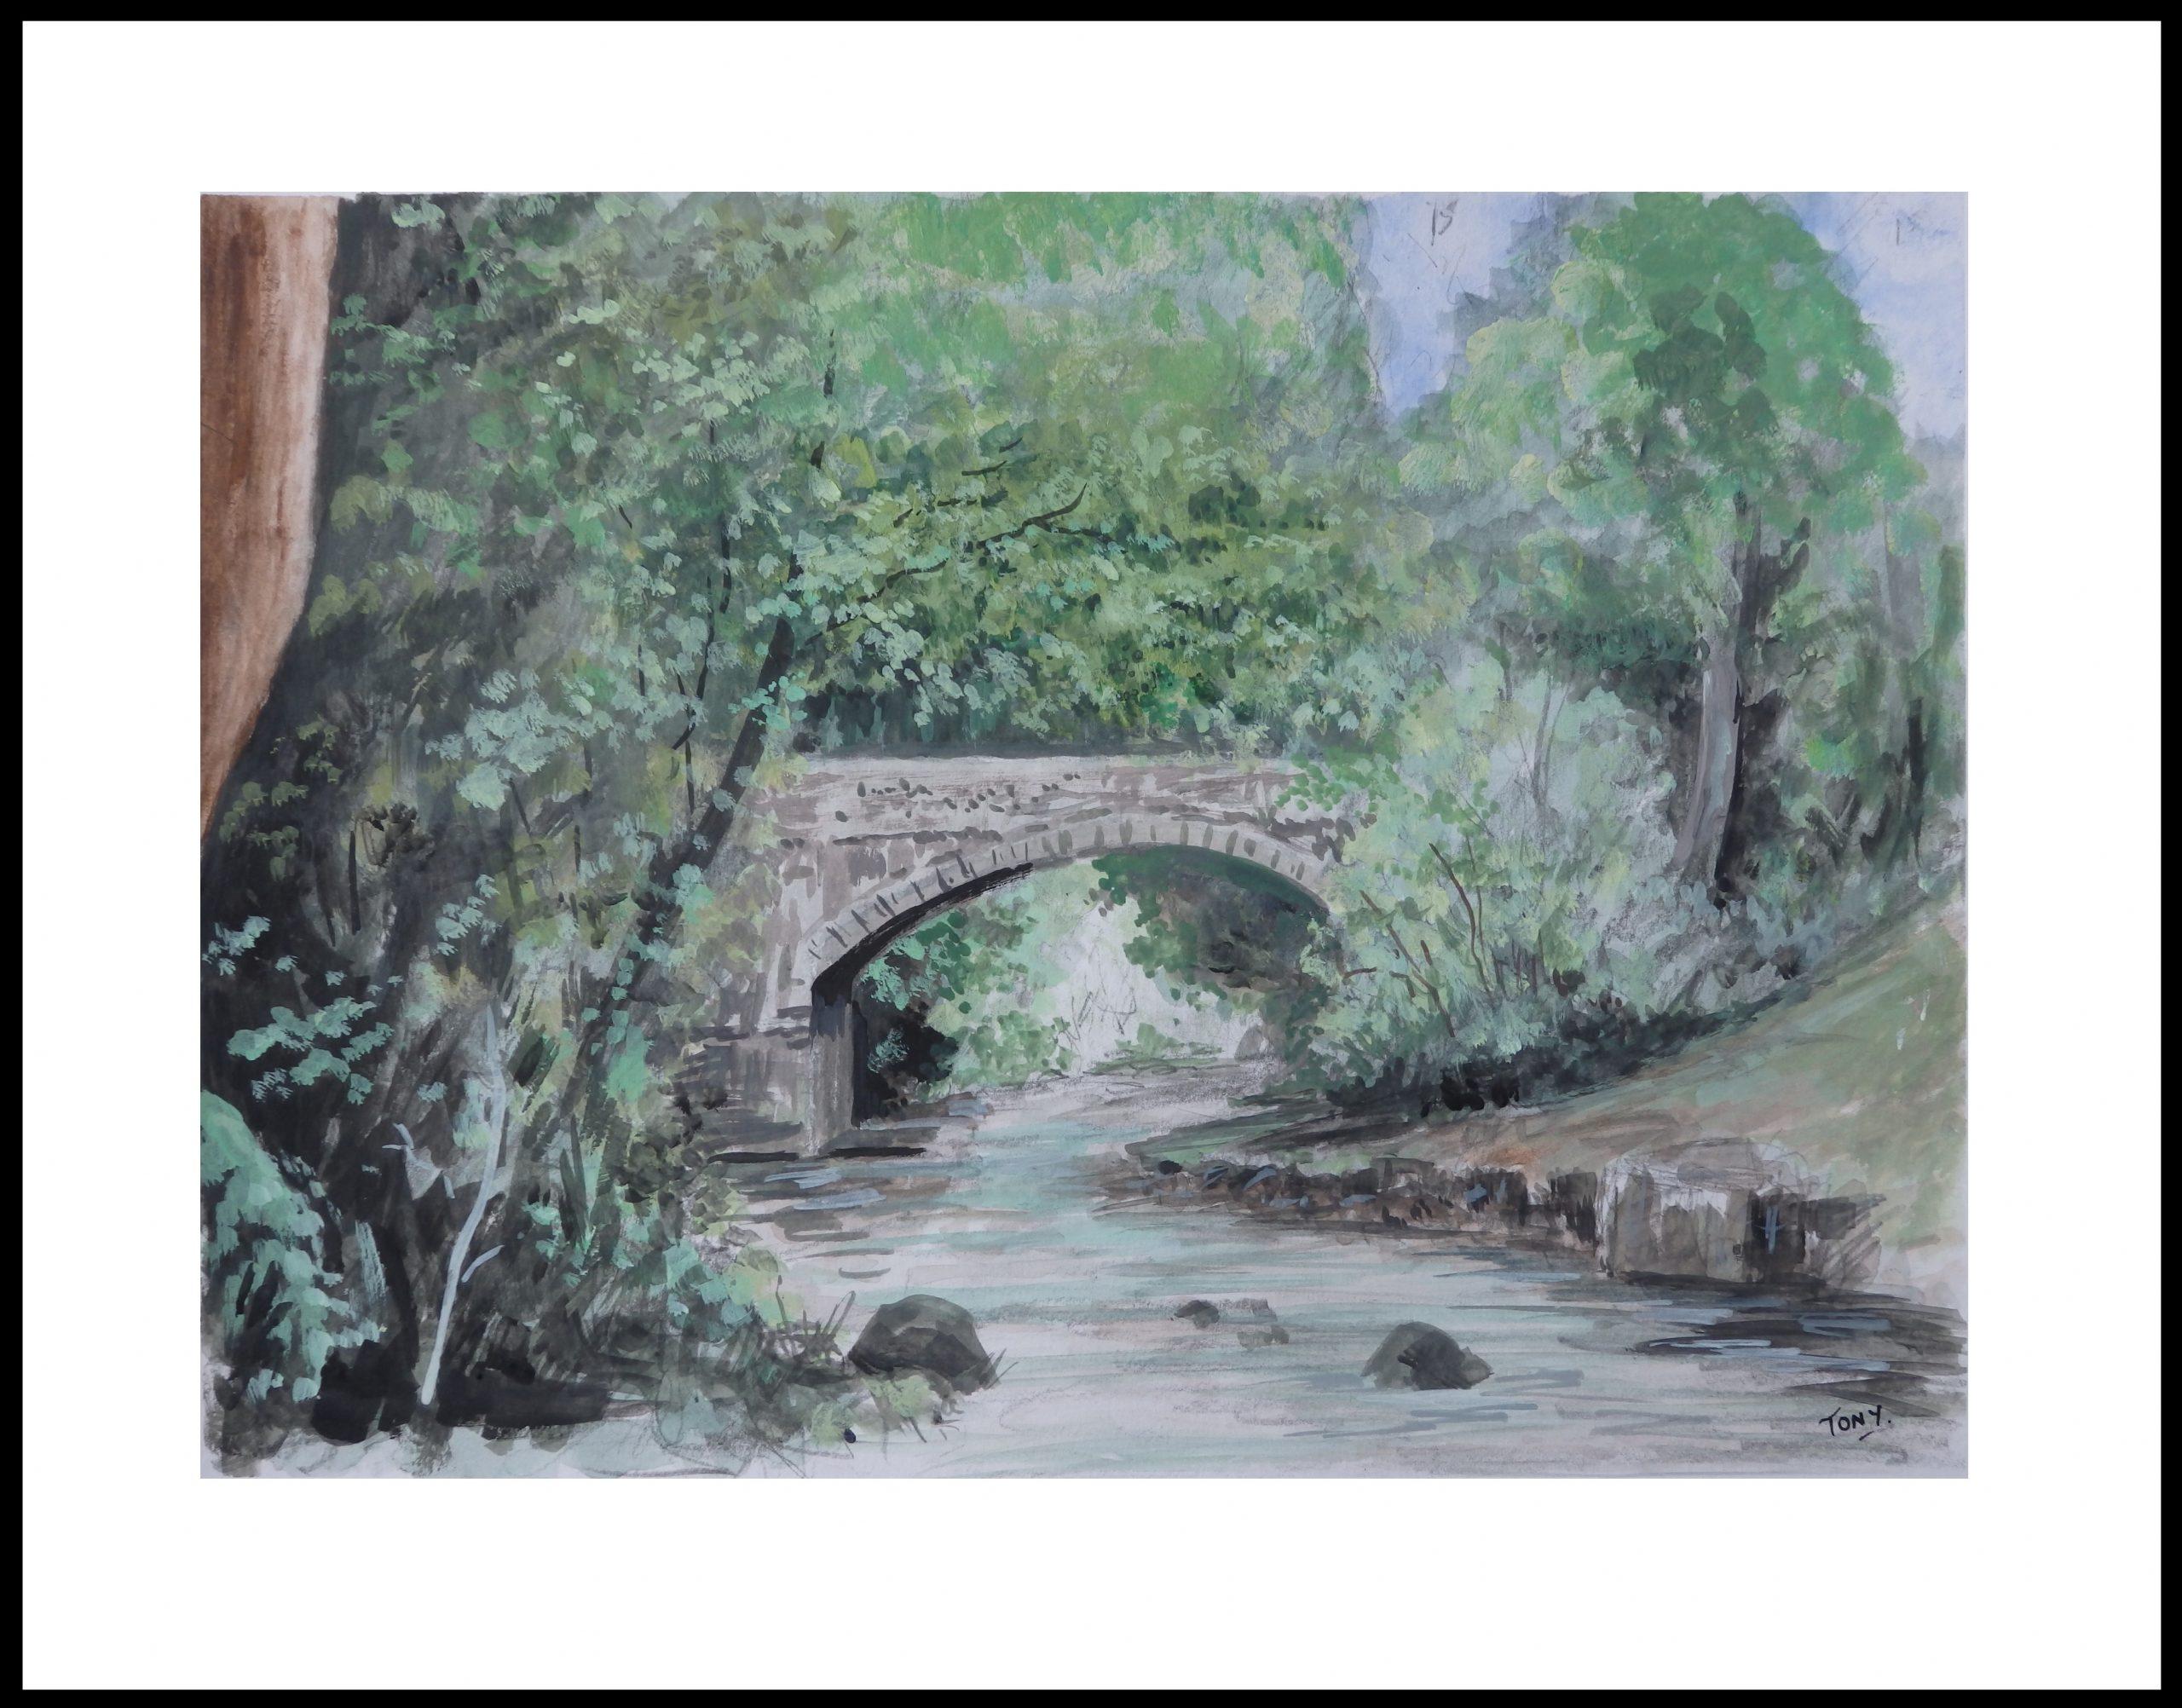 15-the-old-stone-bridge